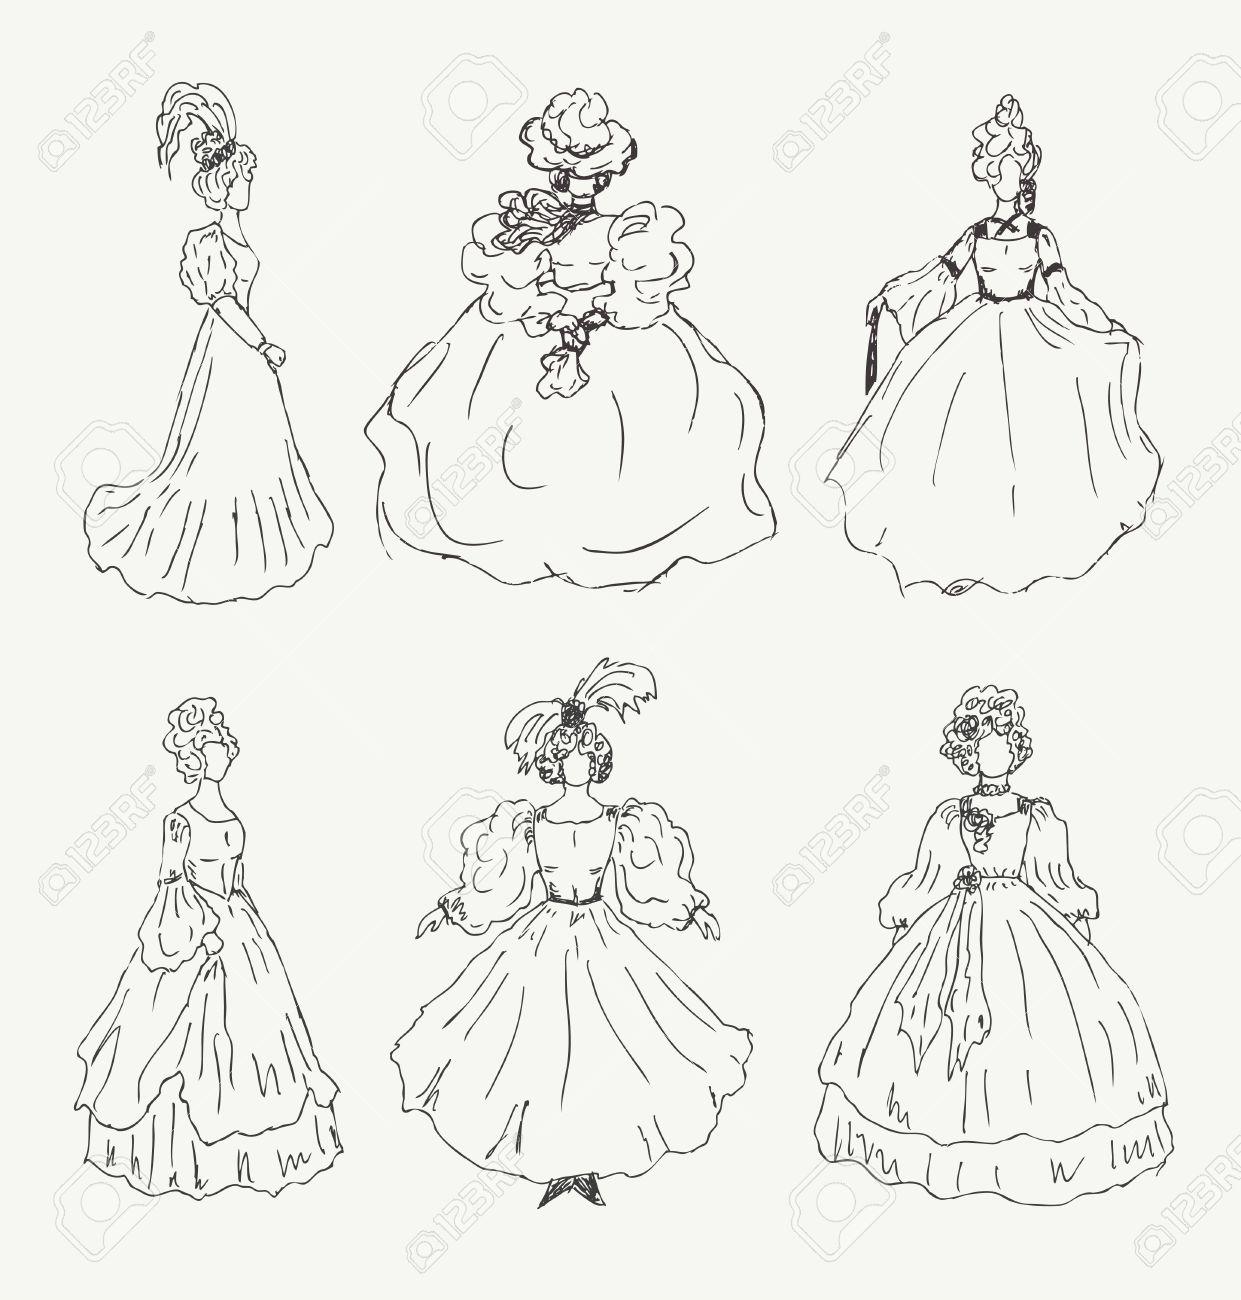 Colección De Dibujos De Mujeres Retro Ropa Históricos Damas De